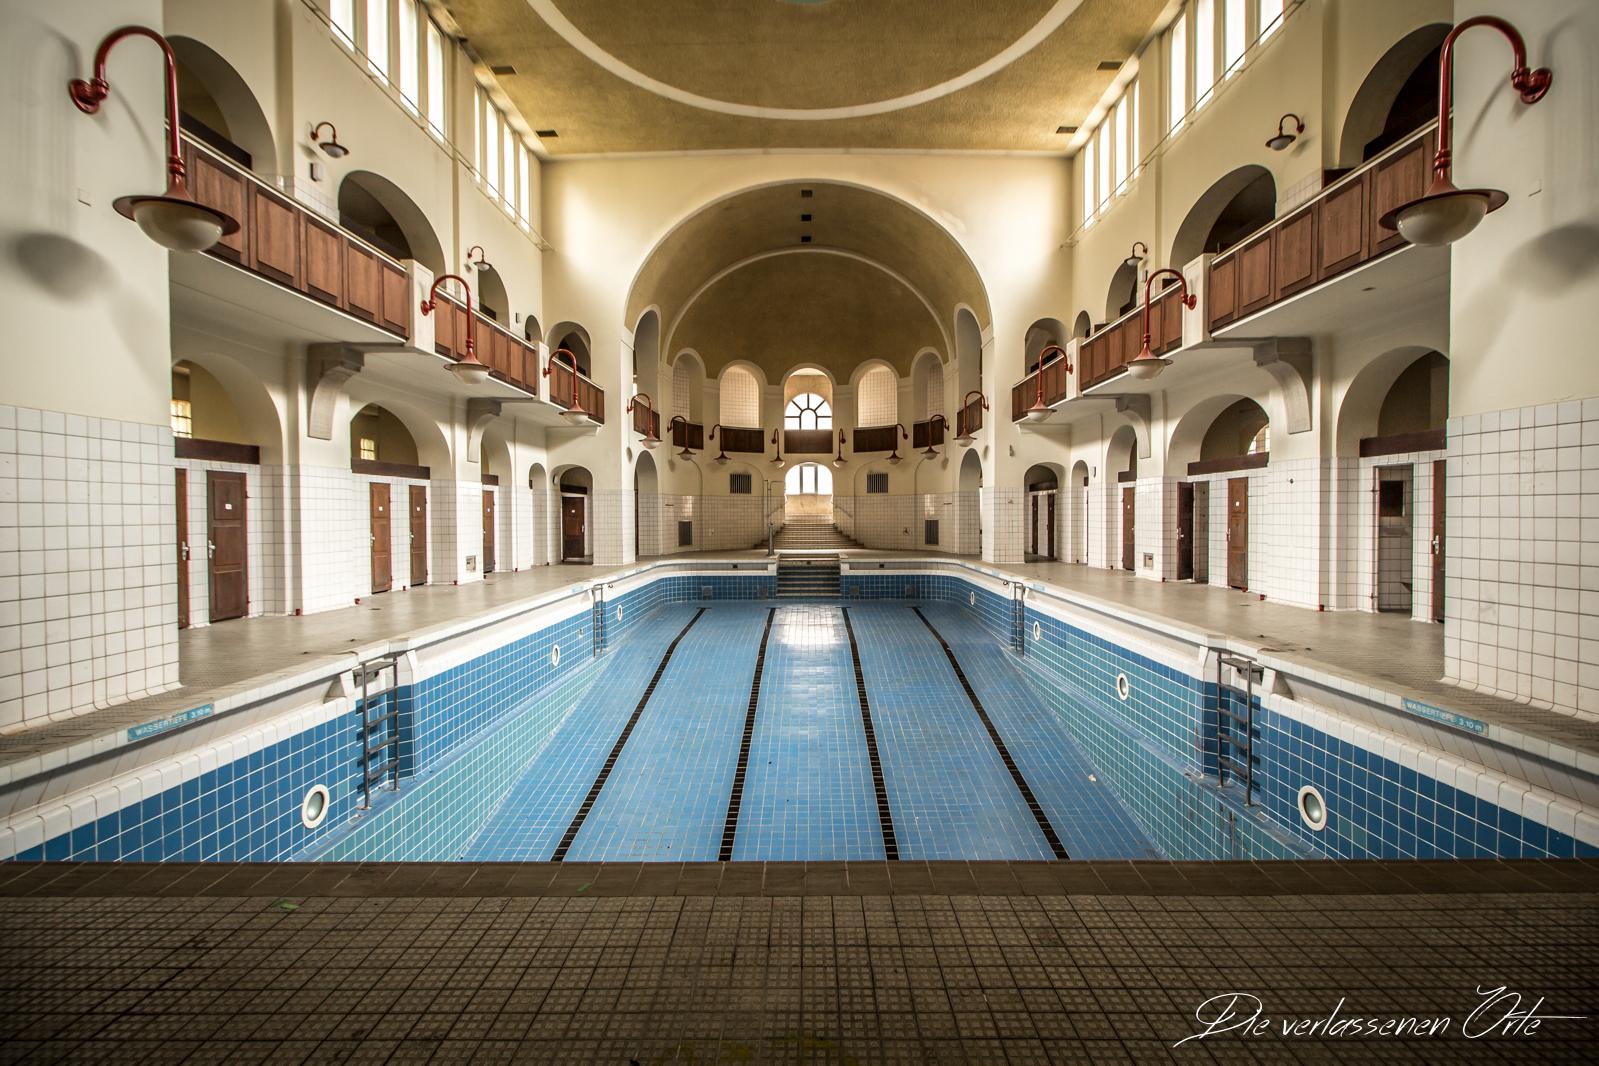 Das schwimmbad im jugendstil die verlassenen orte - Farben im jugendstil ...